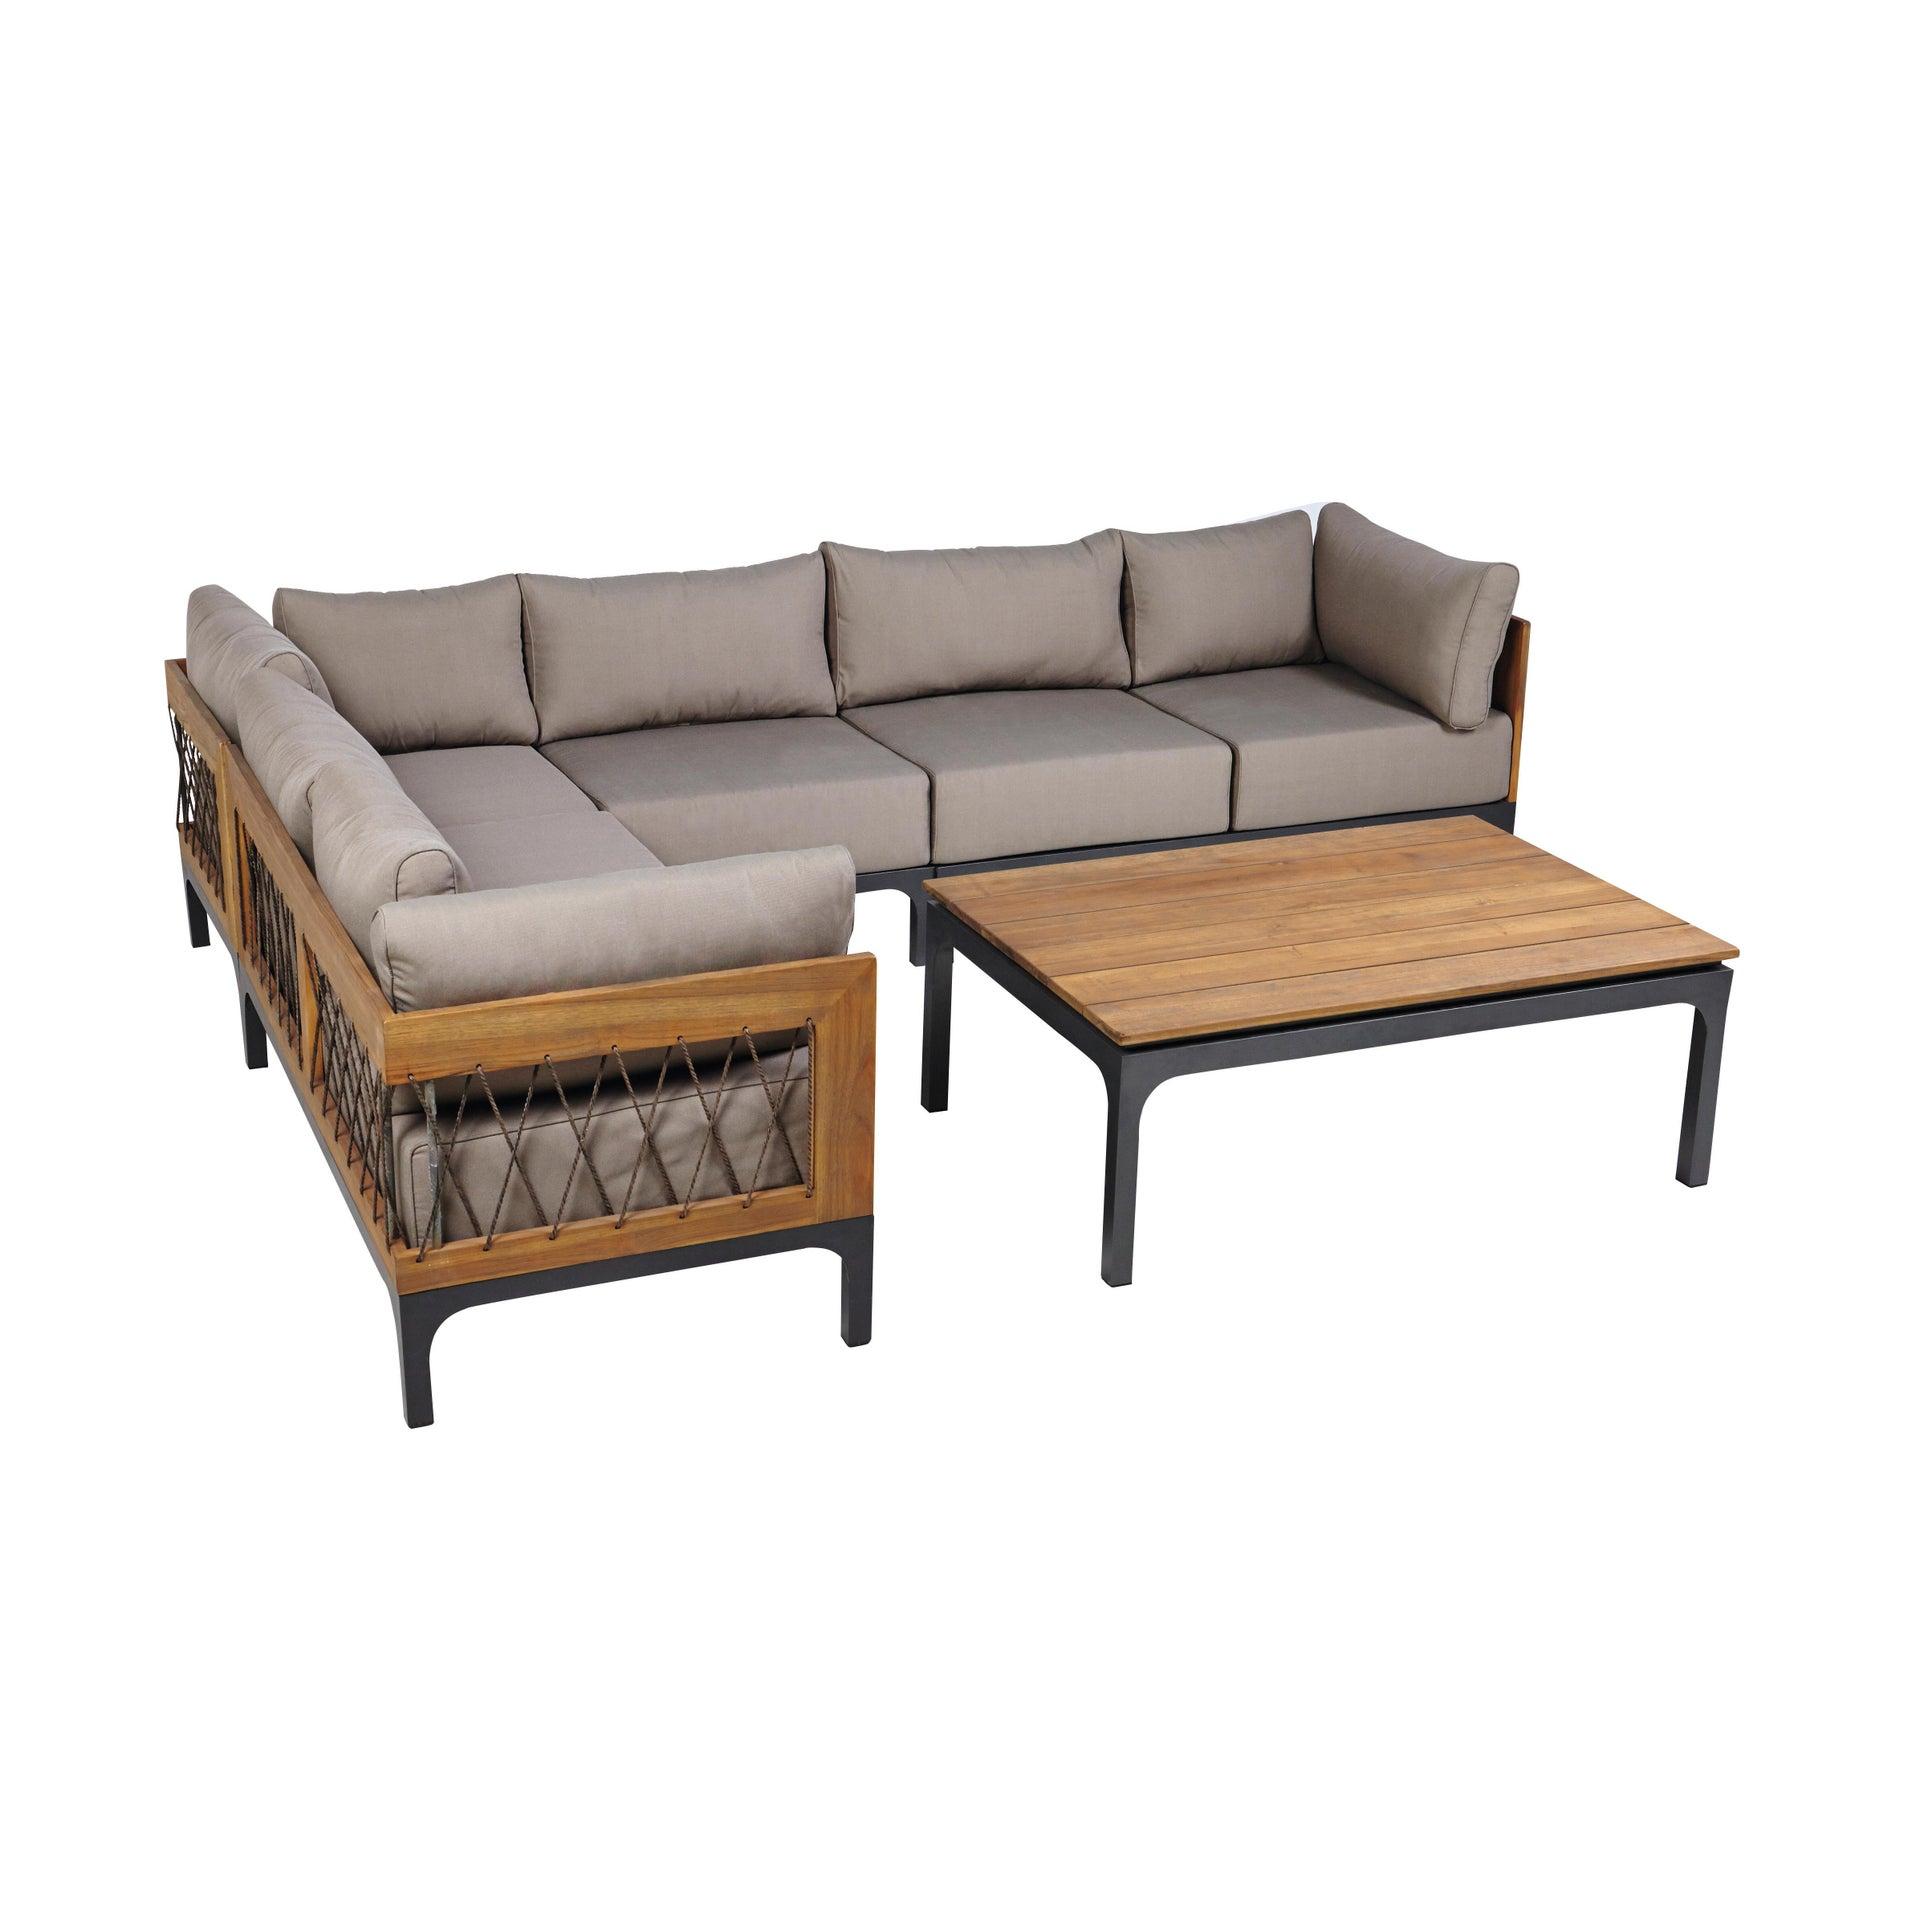 Divano da giardino con cuscino 2 posti in alluminio Peloponeso colore marrone e grigio - 2